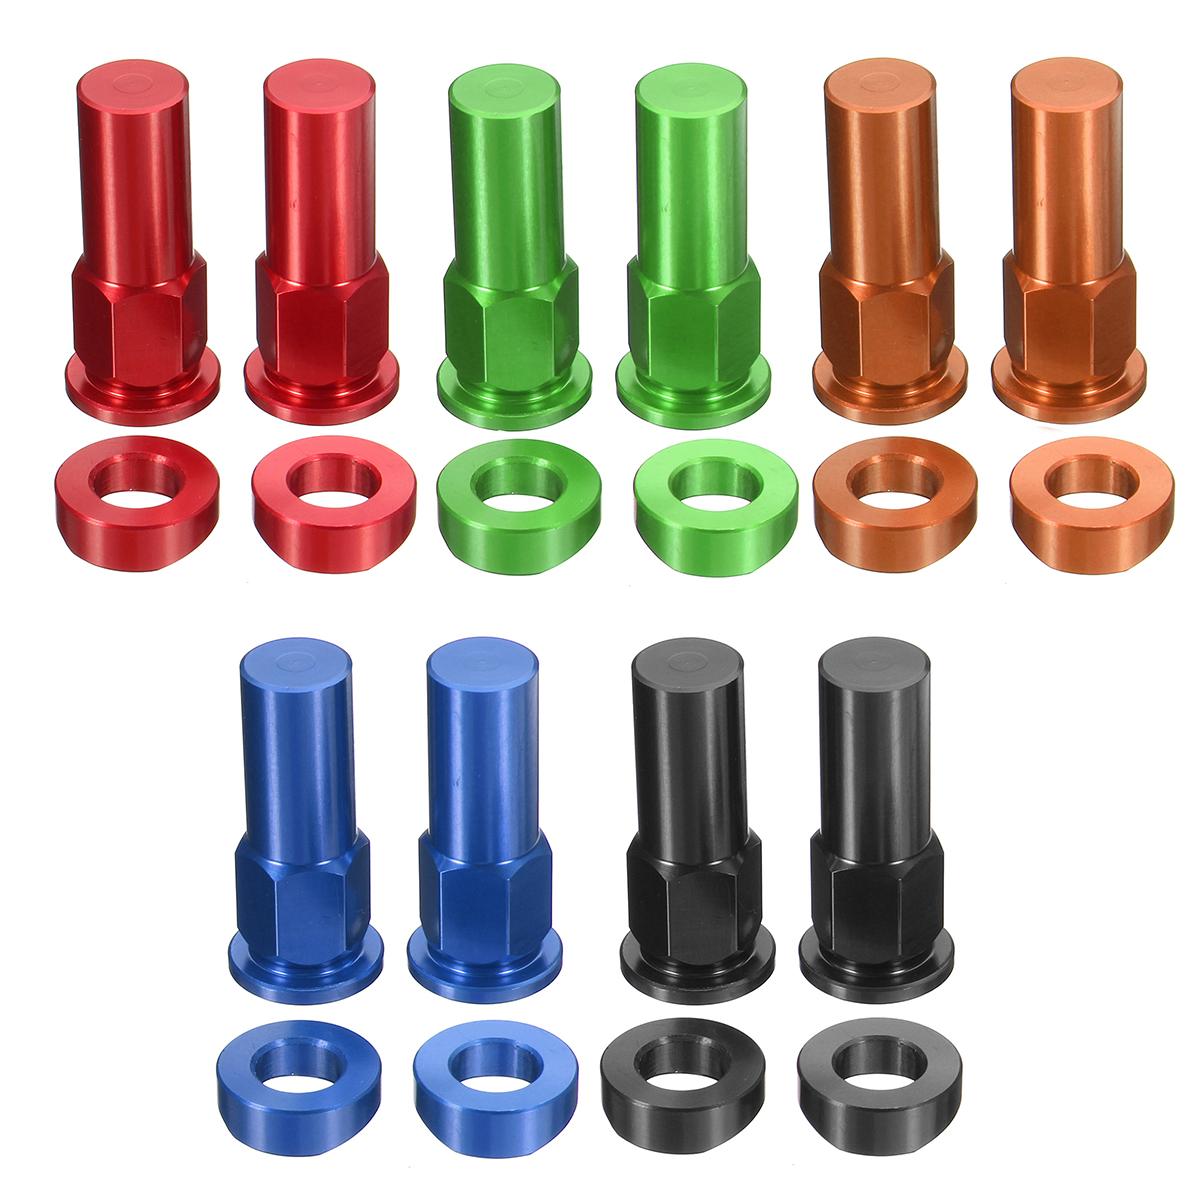 CNC Tusk Rim Lock Nuts Spacer Kit For Honda/Yamaha/KTM/Suzuki/Kawasaki/MX/Enduro